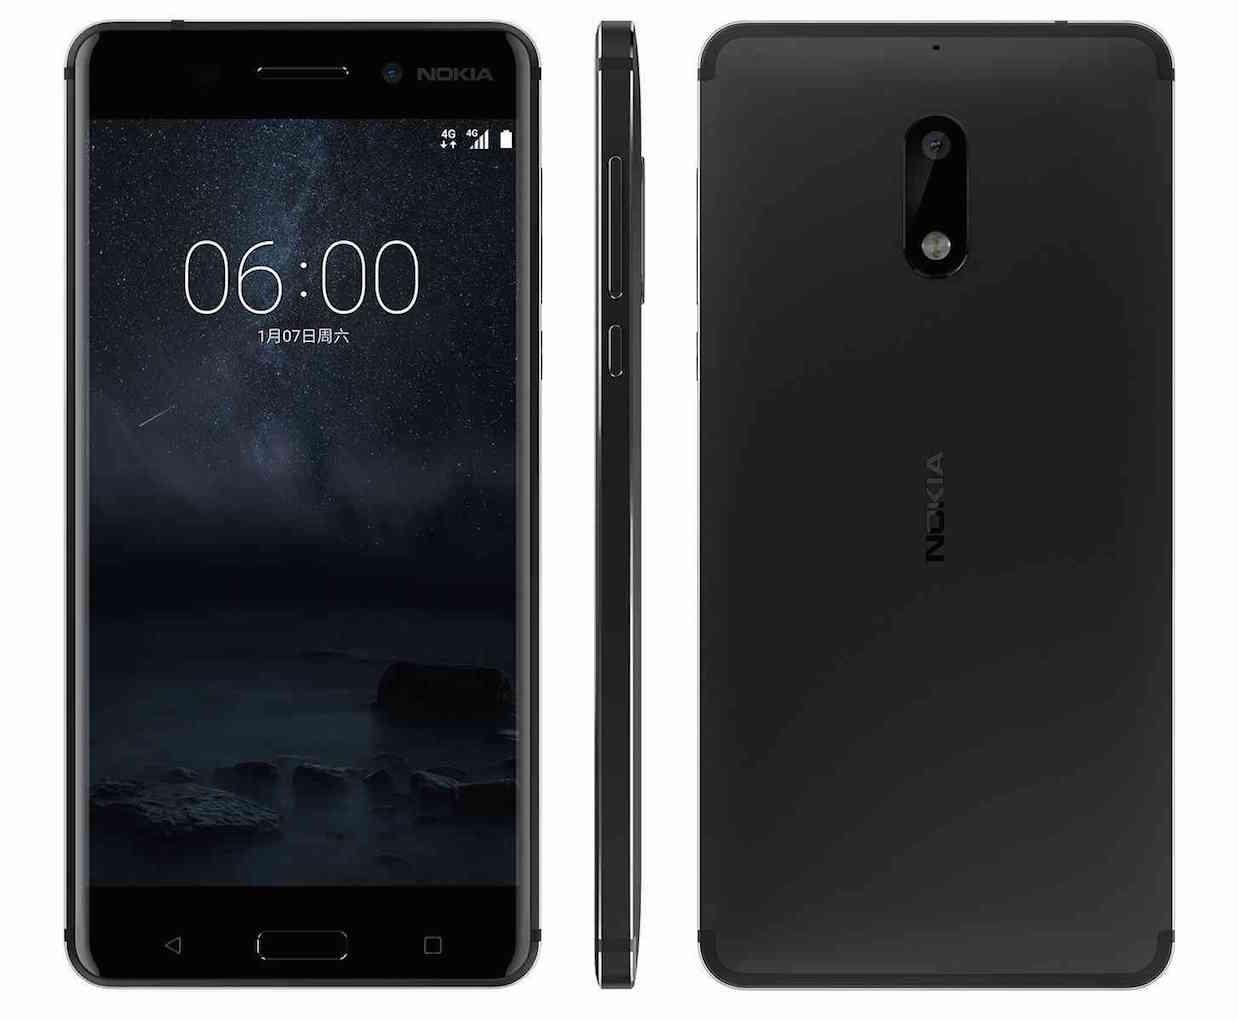 Диагональ экрана Nokia 6 — 5,5 дюймов, разрешение — 1920×1080 пикселей. Смартфон оснащен проце